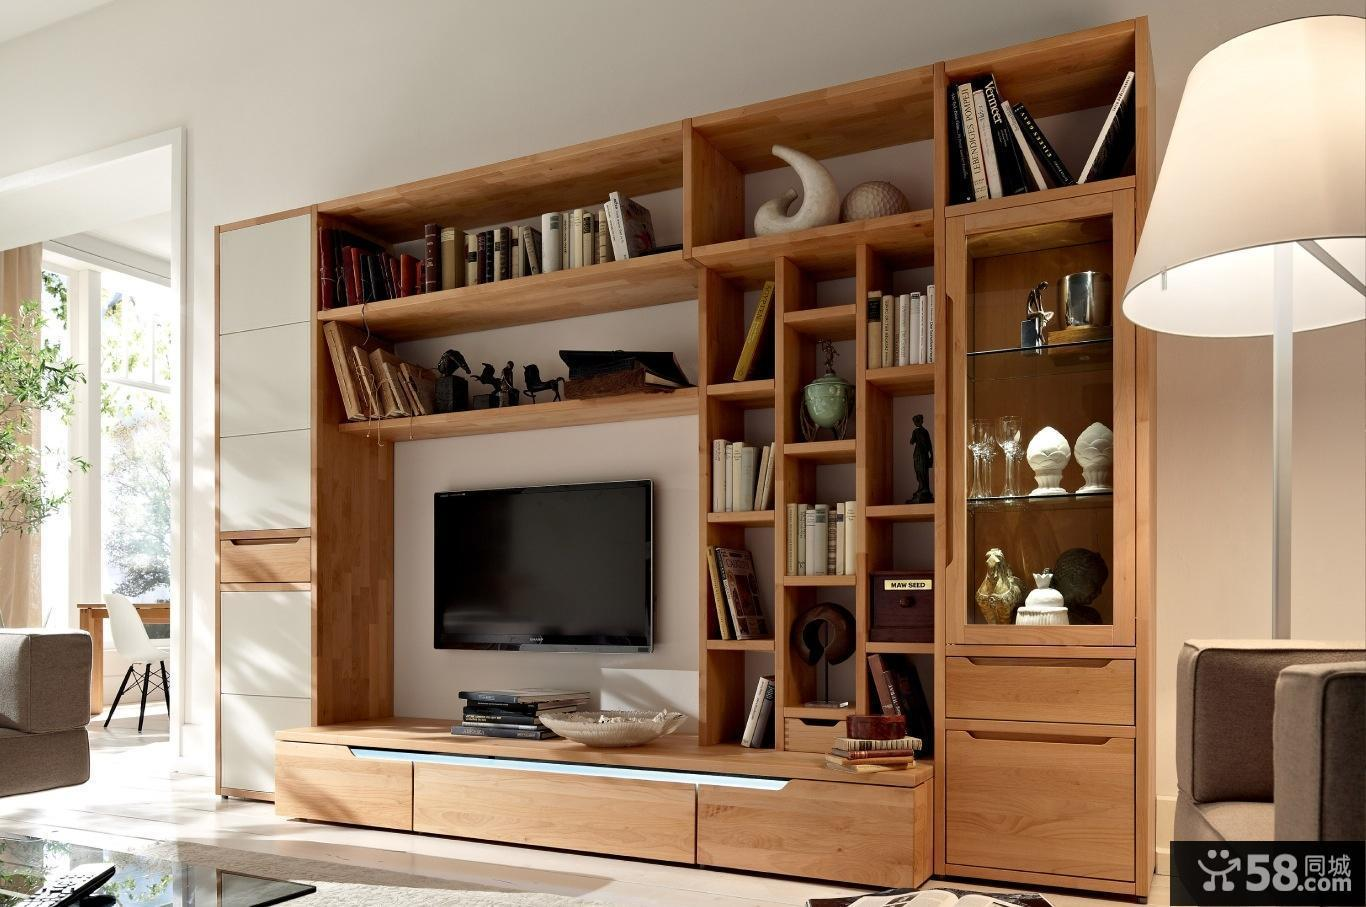 简约家居客厅实木电视柜图片